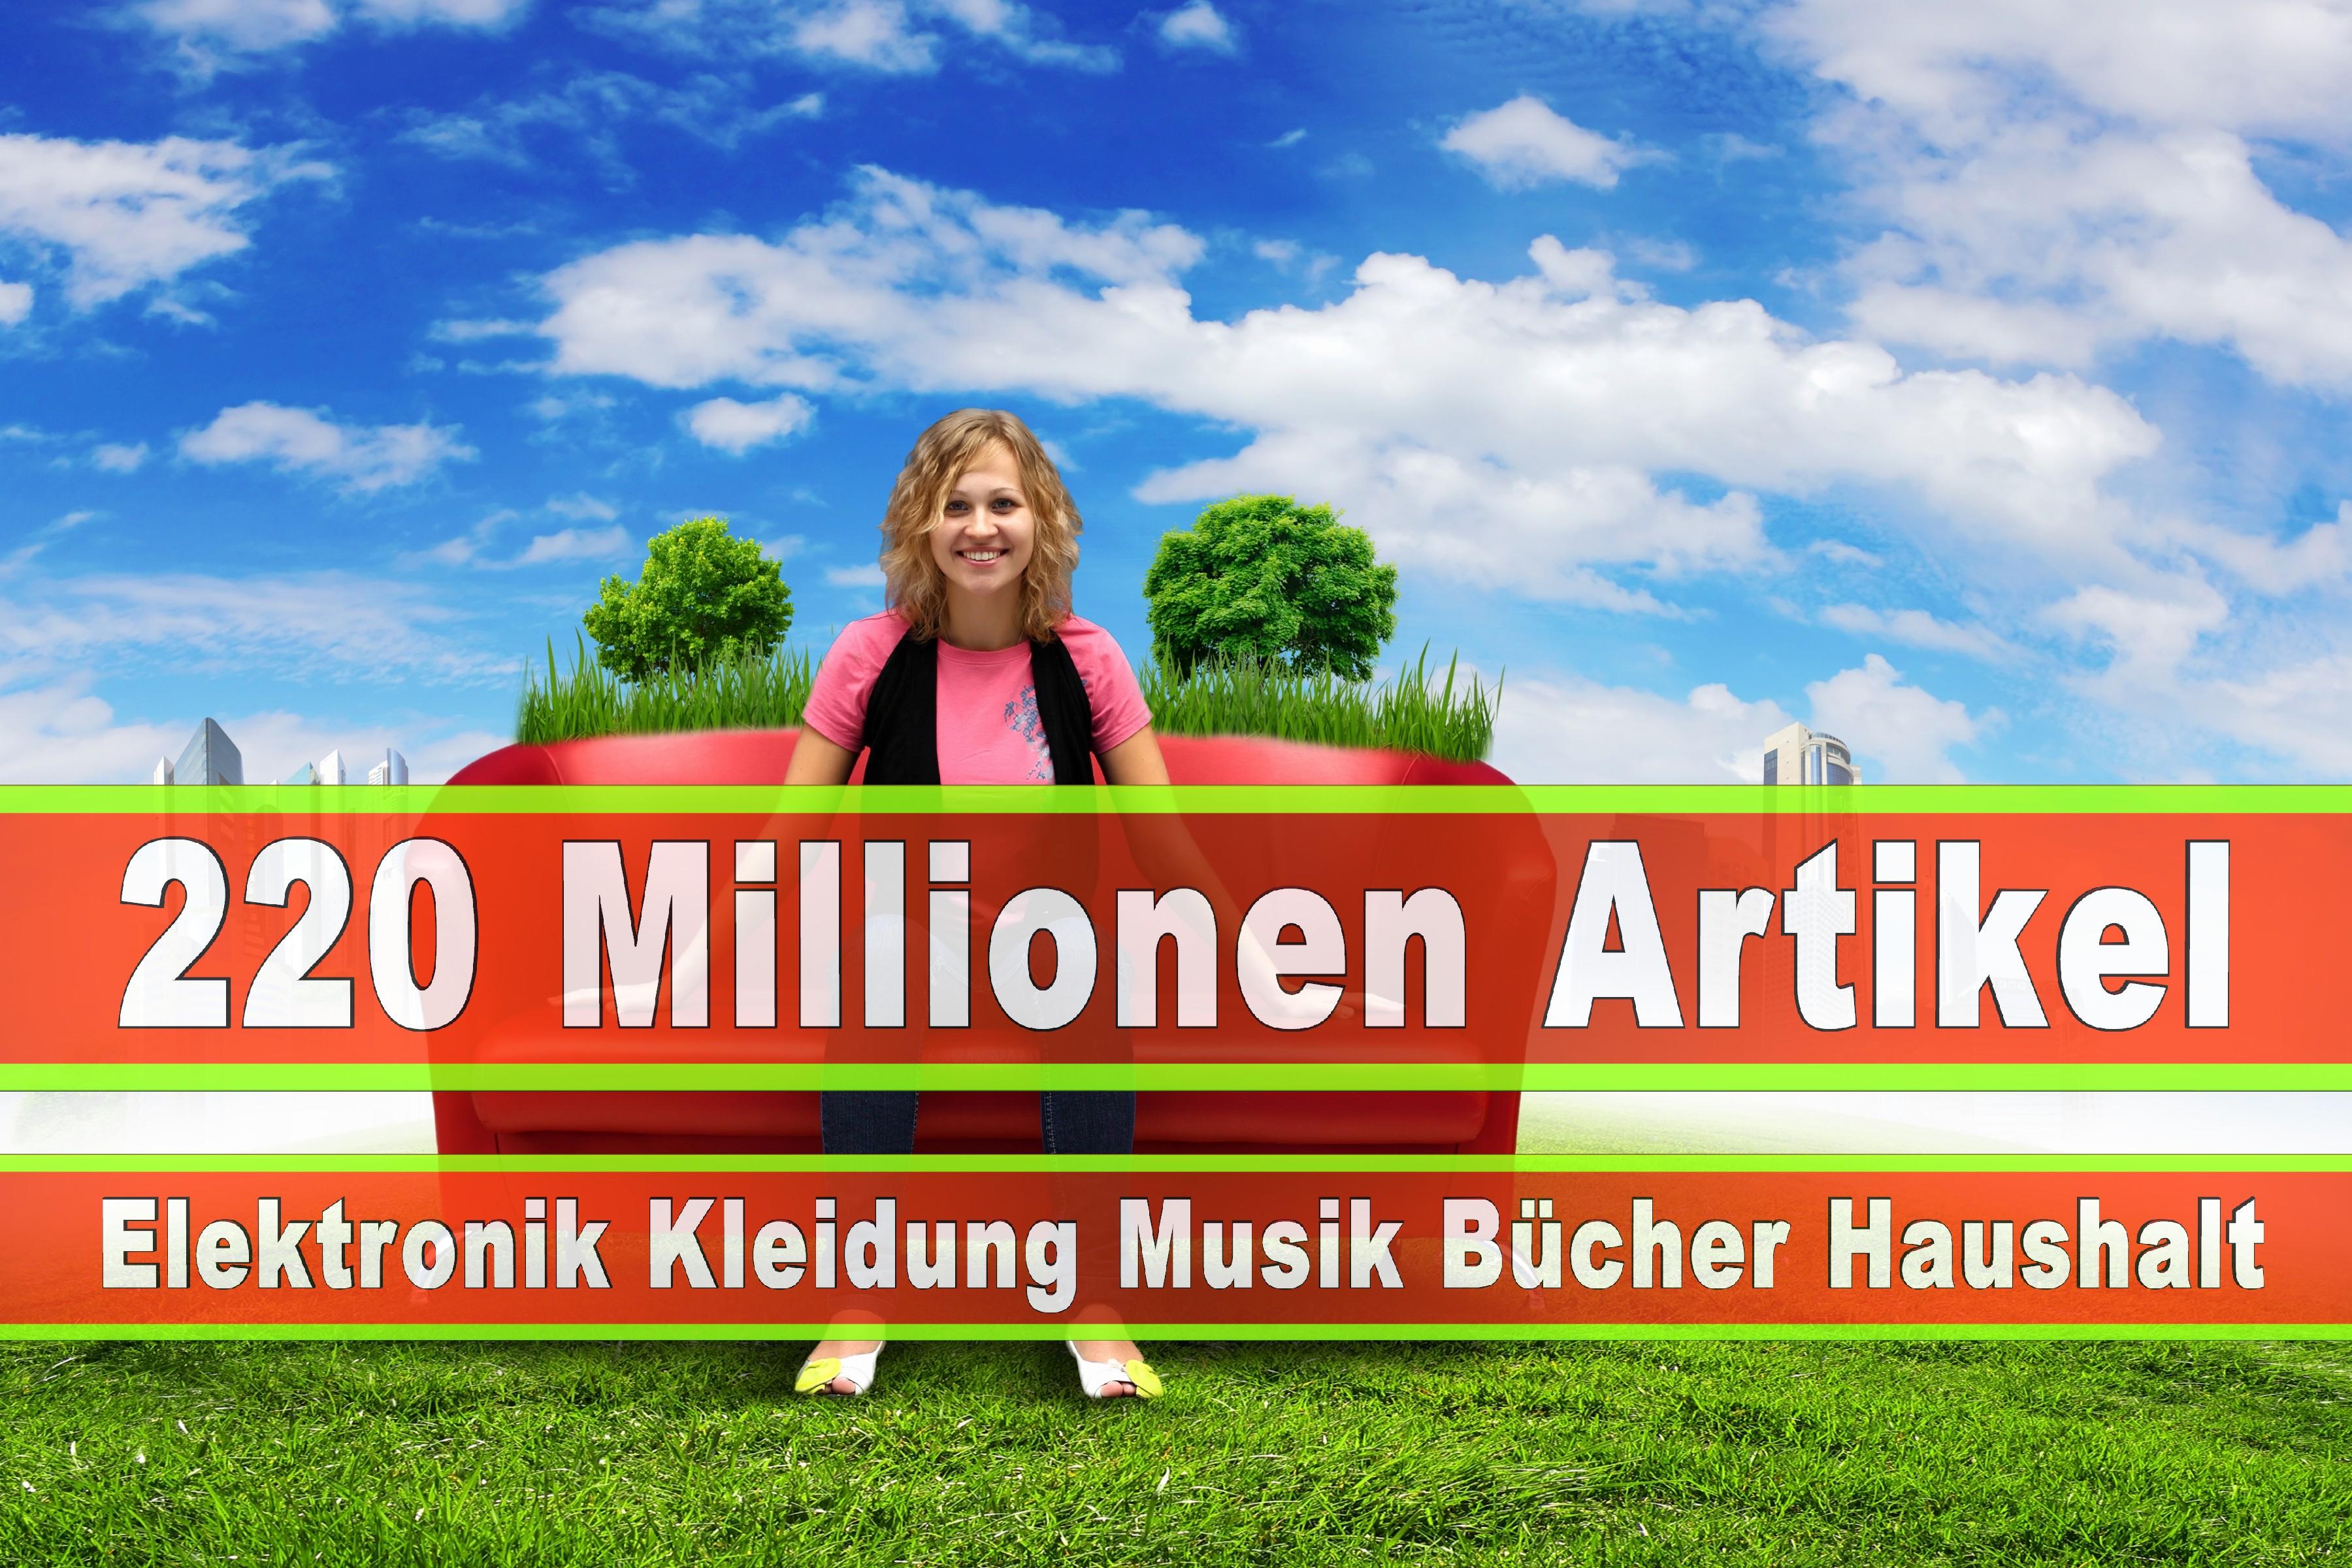 Amazon Elektronik Musik Haushalt Bücher CD DVD Handys Smartphones TV Television Fernseher Kleidung Mode Ebay Versandhaus (234)